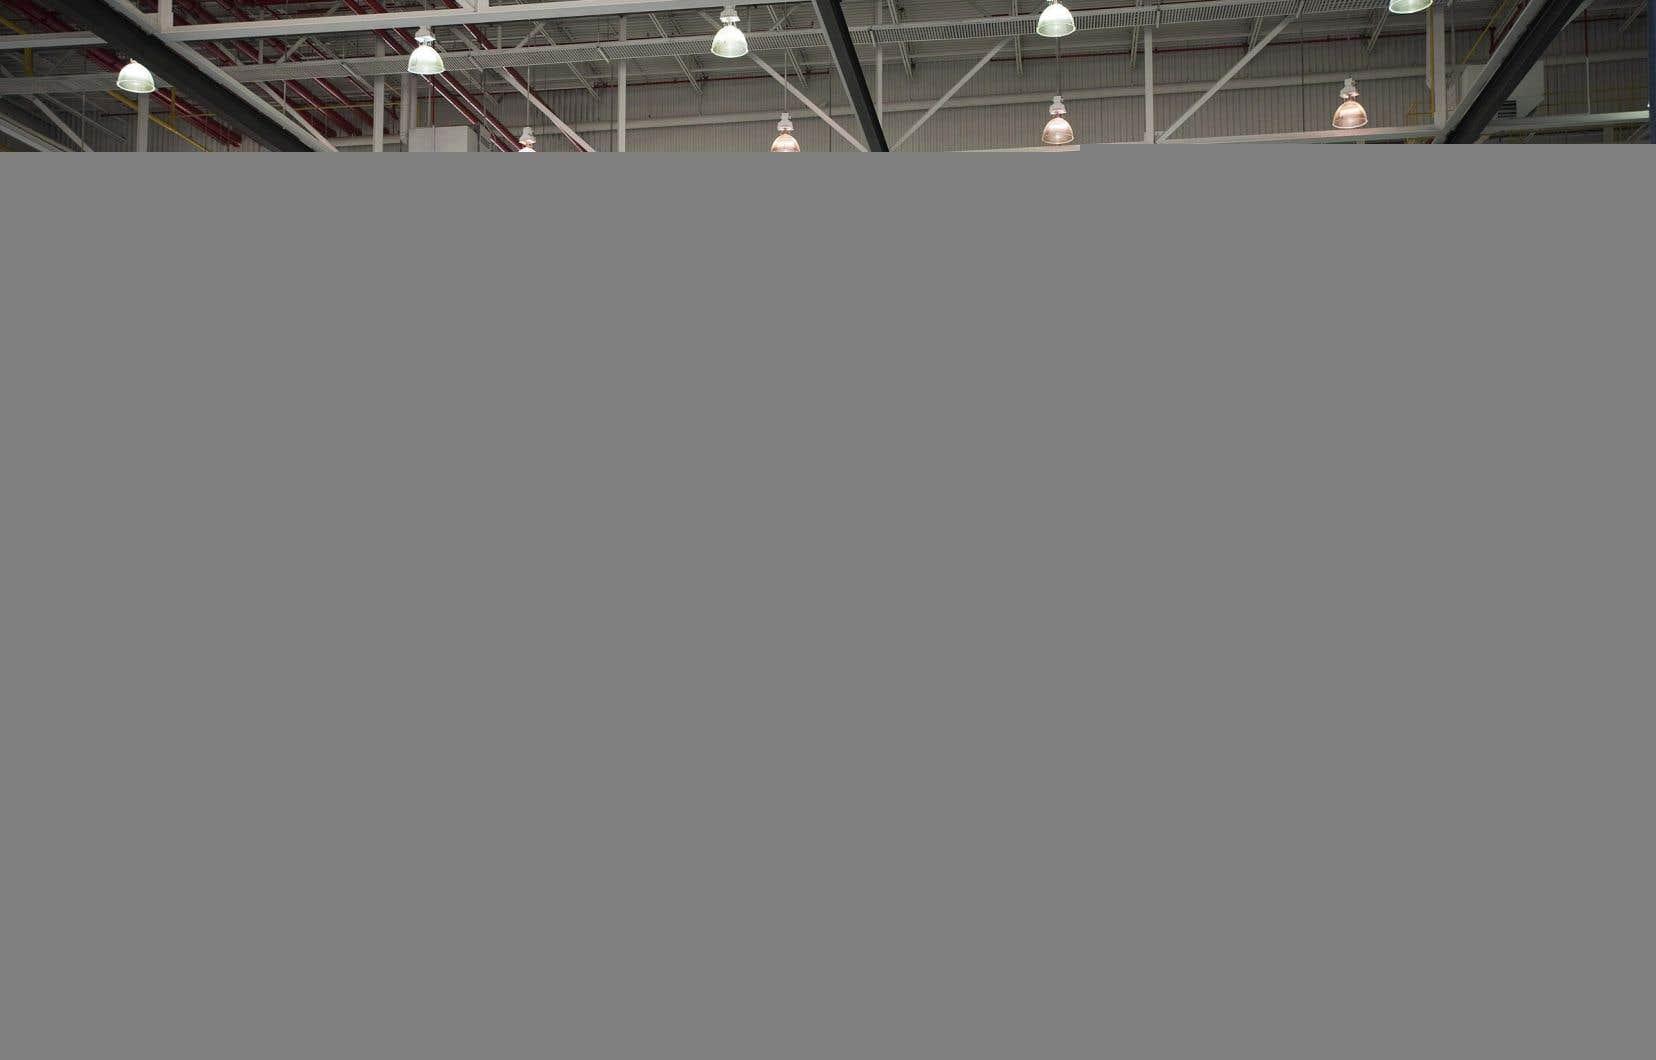 L'intérieur d'un entrepôt de fabrication d'avions de Bombardier, à Toronto